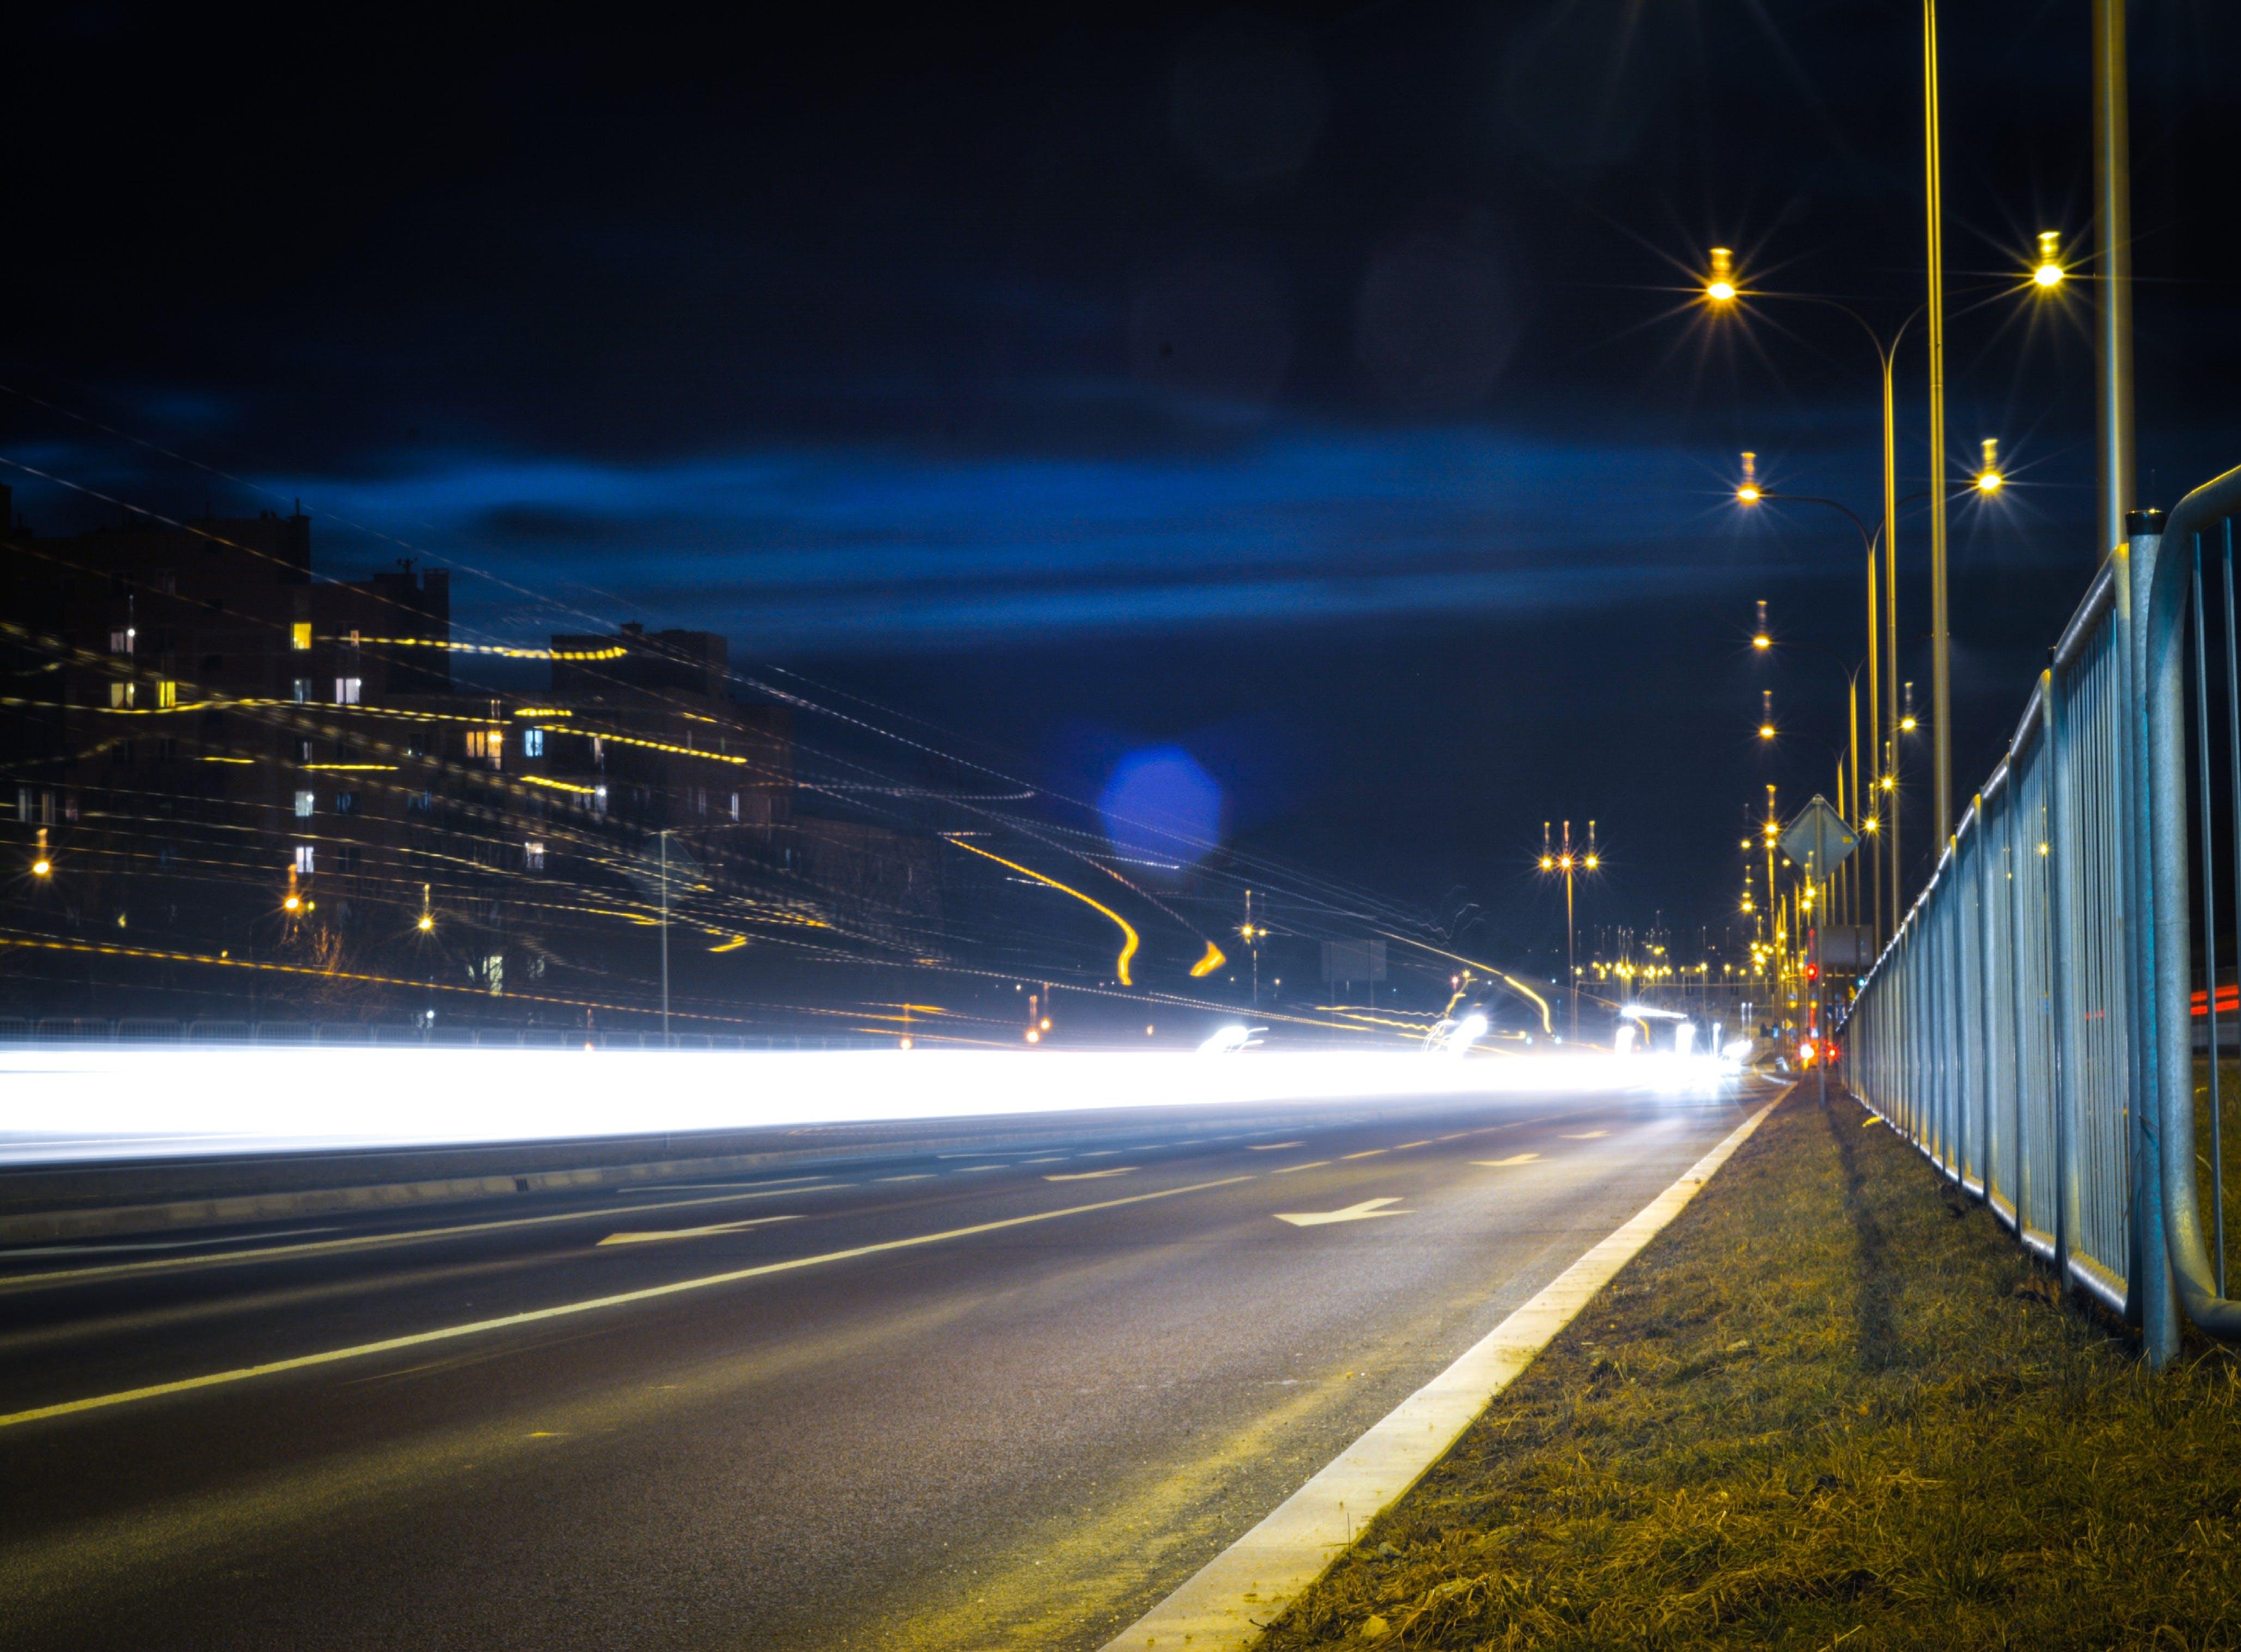 Kostenloses Stock Foto zu abend, altstadt, auto, autobahn